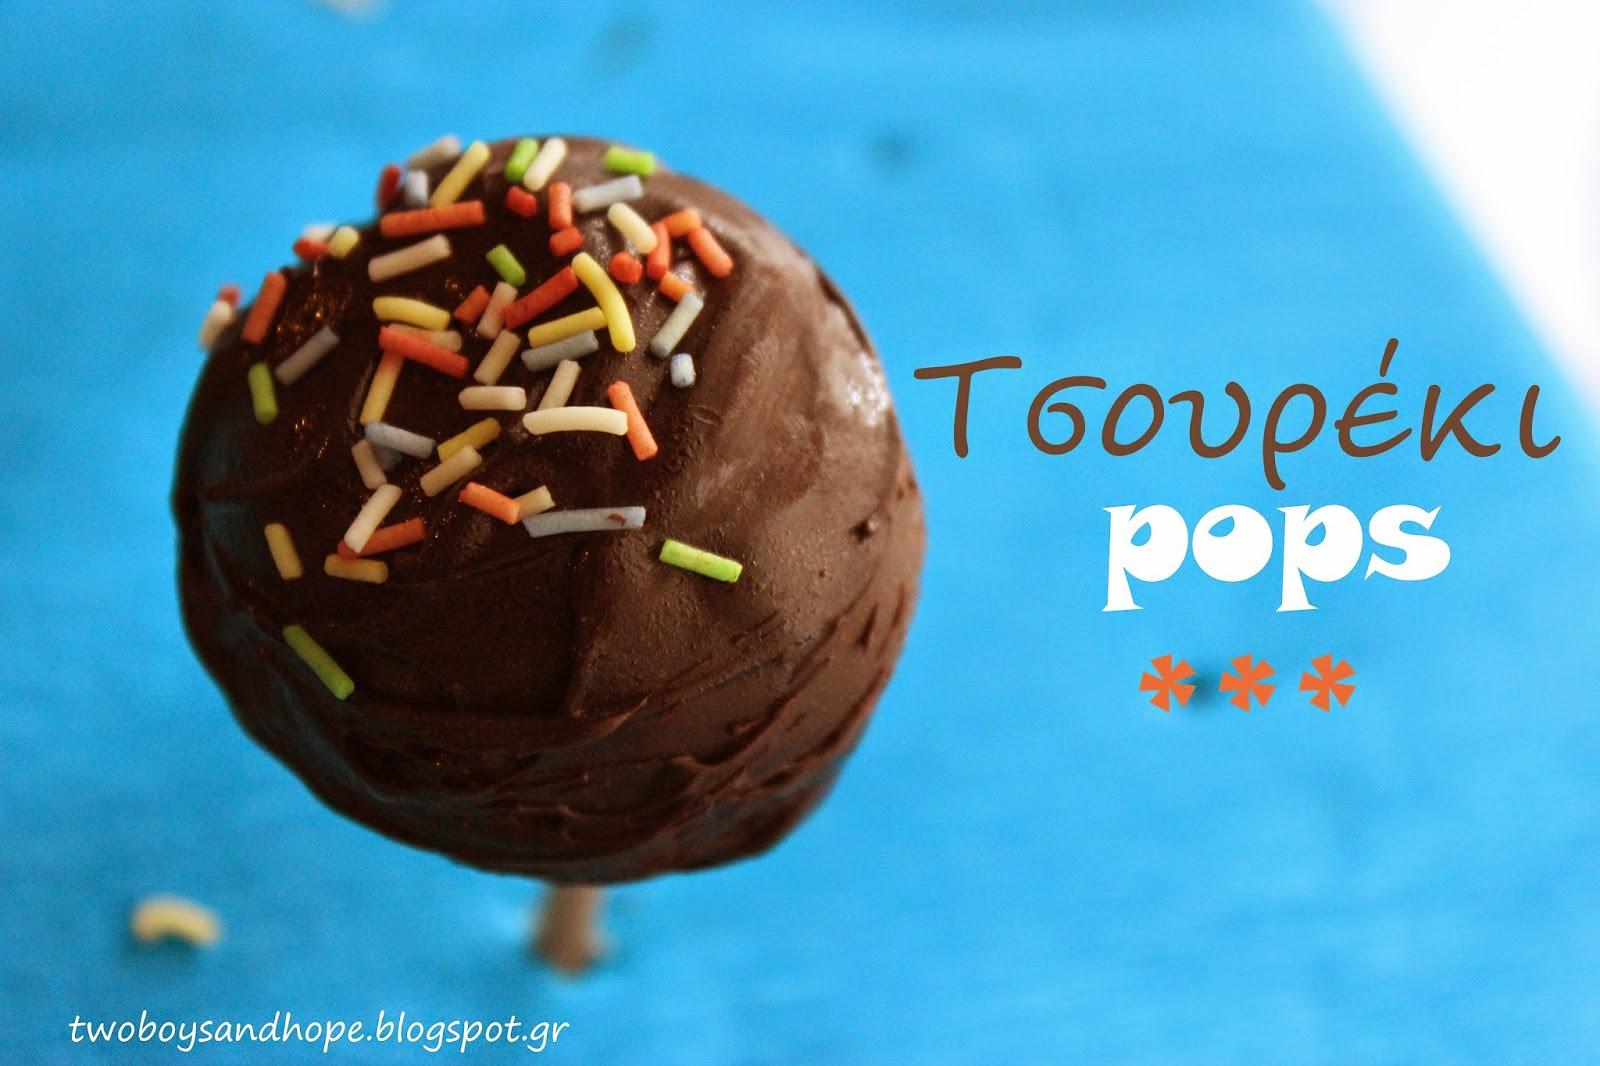 Τσουρέκι- pops…